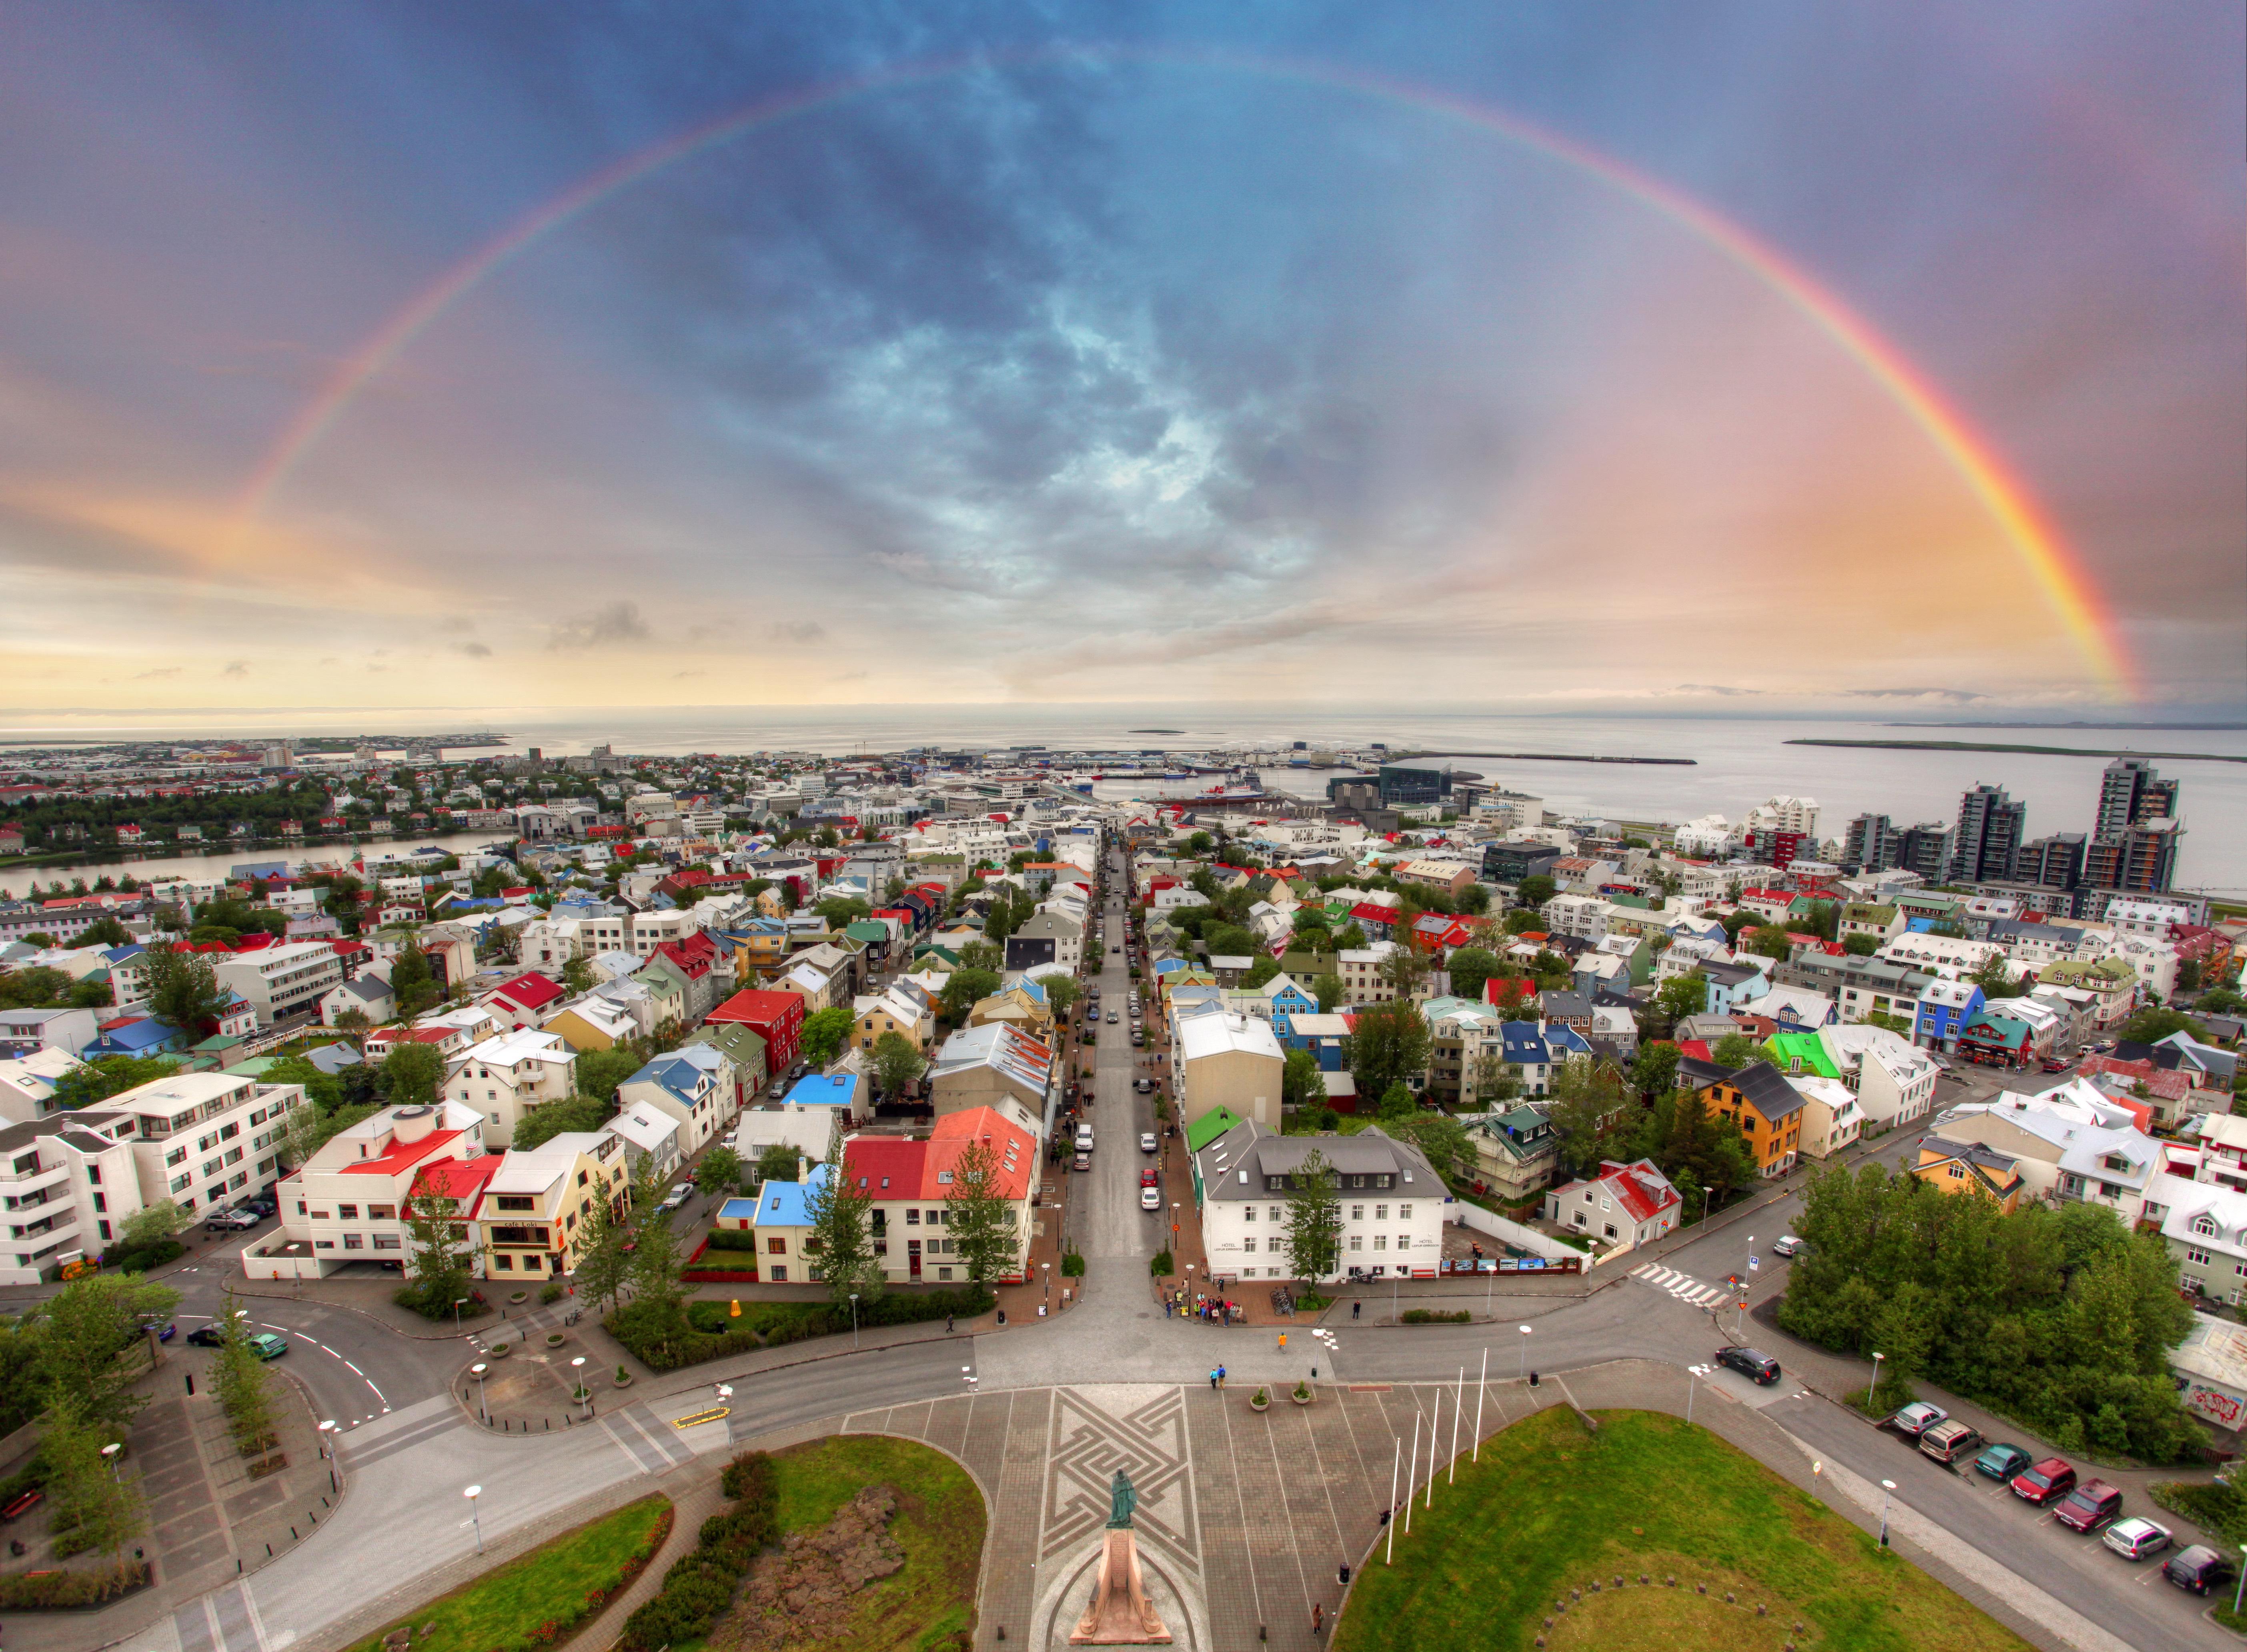 Tour around the city of Reykjavik.